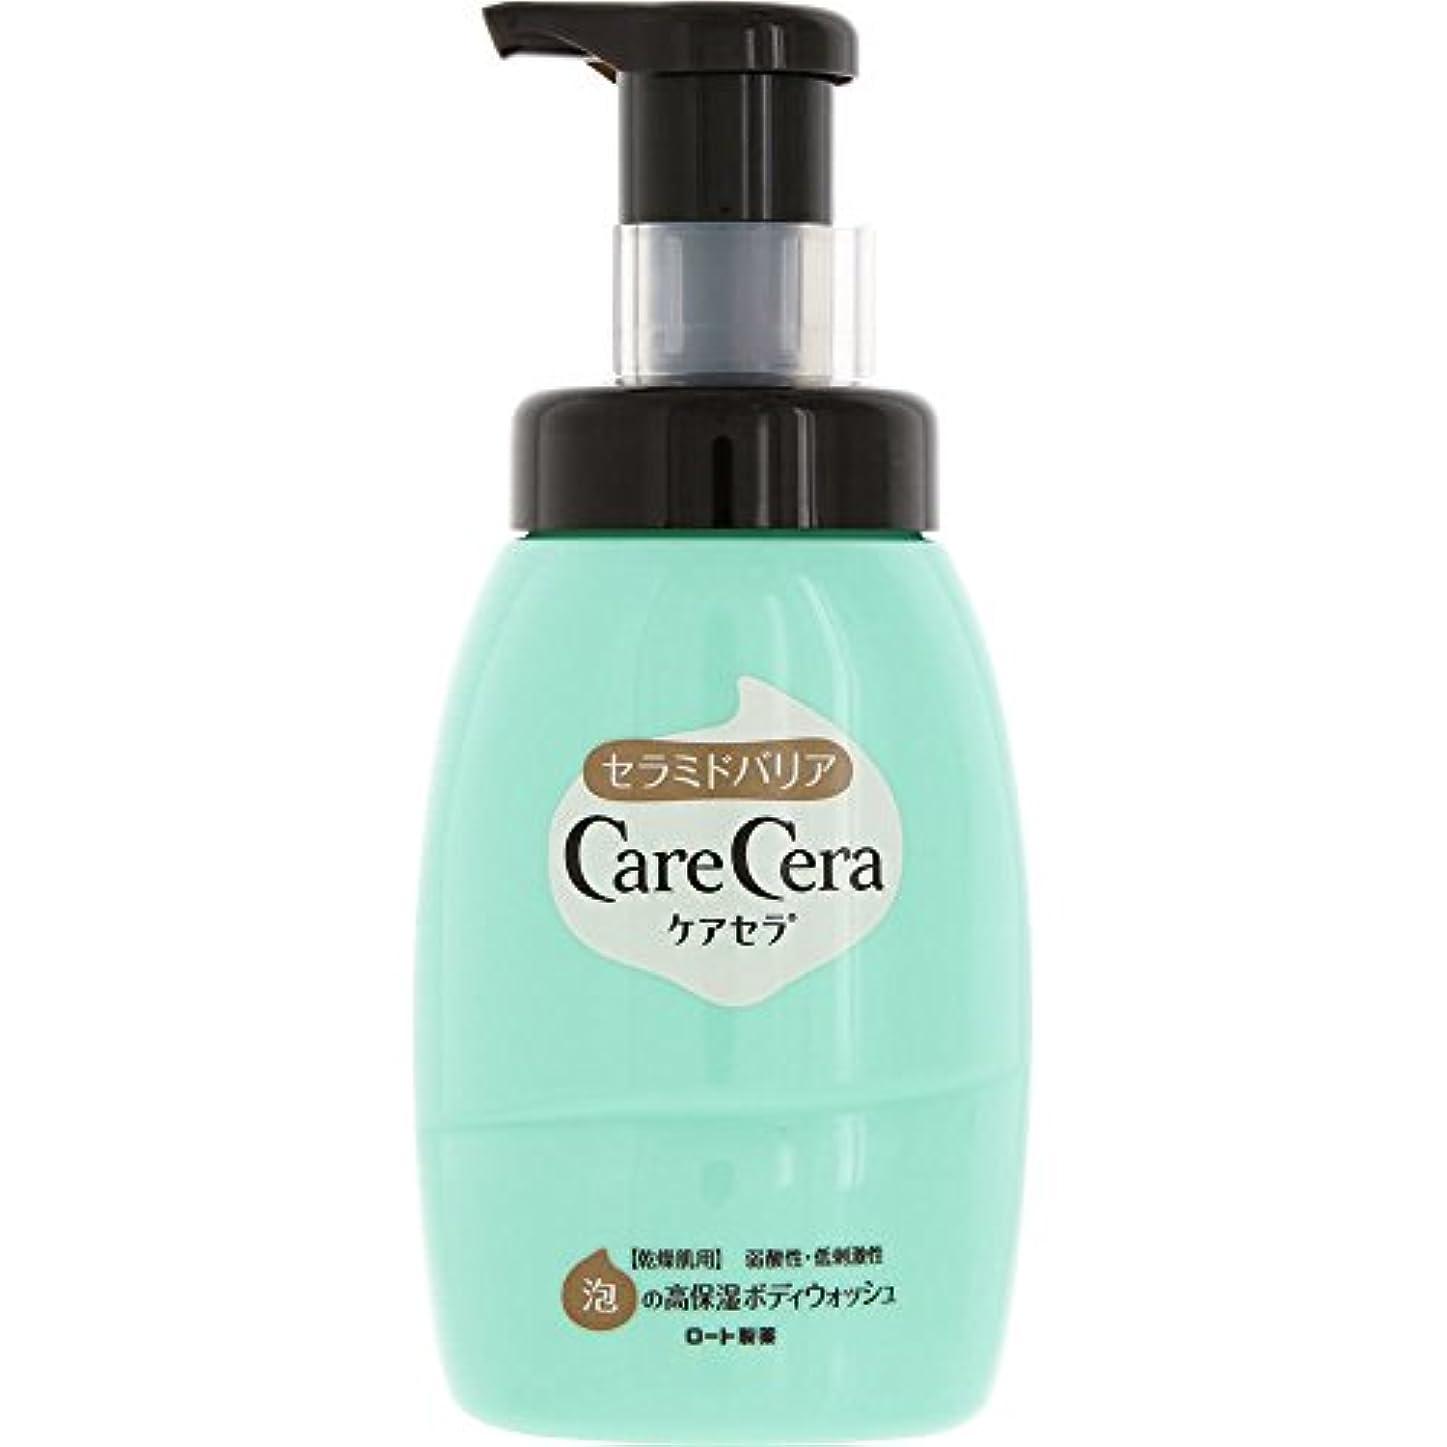 一緒所有者囲むケアセラ(CareCera) ロート製薬 ケアセラ  天然型セラミド7種配合 セラミド濃度10倍泡の高保湿 全身ボディウォッシュ ピュアフローラルの香り お試し企画品 300mL